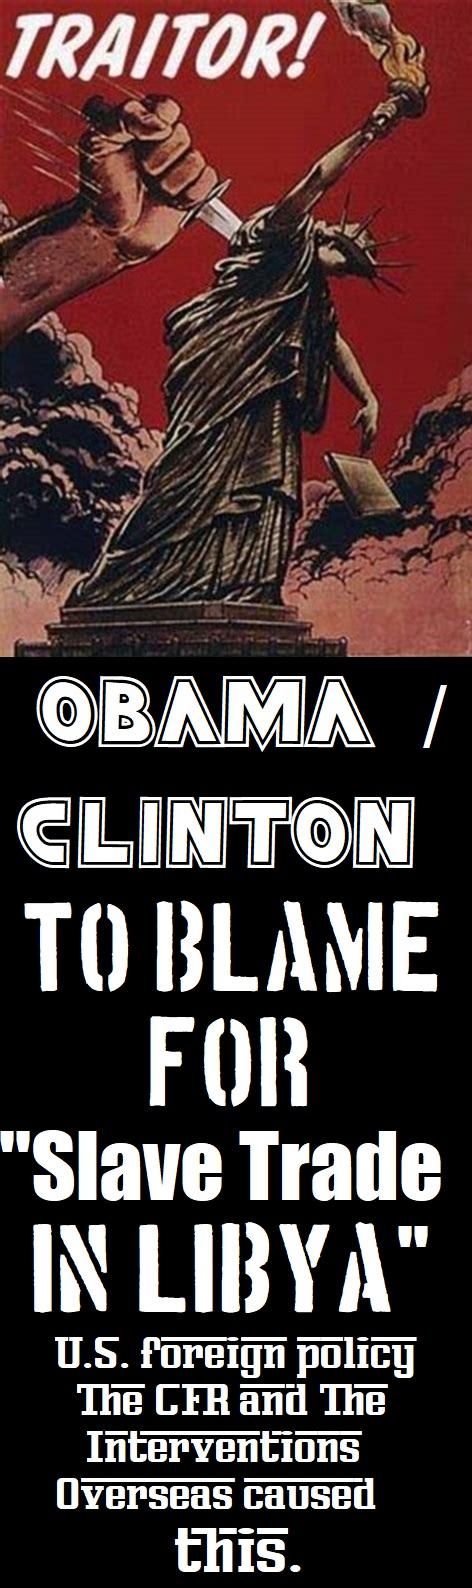 Traitors Obama & Clinton!